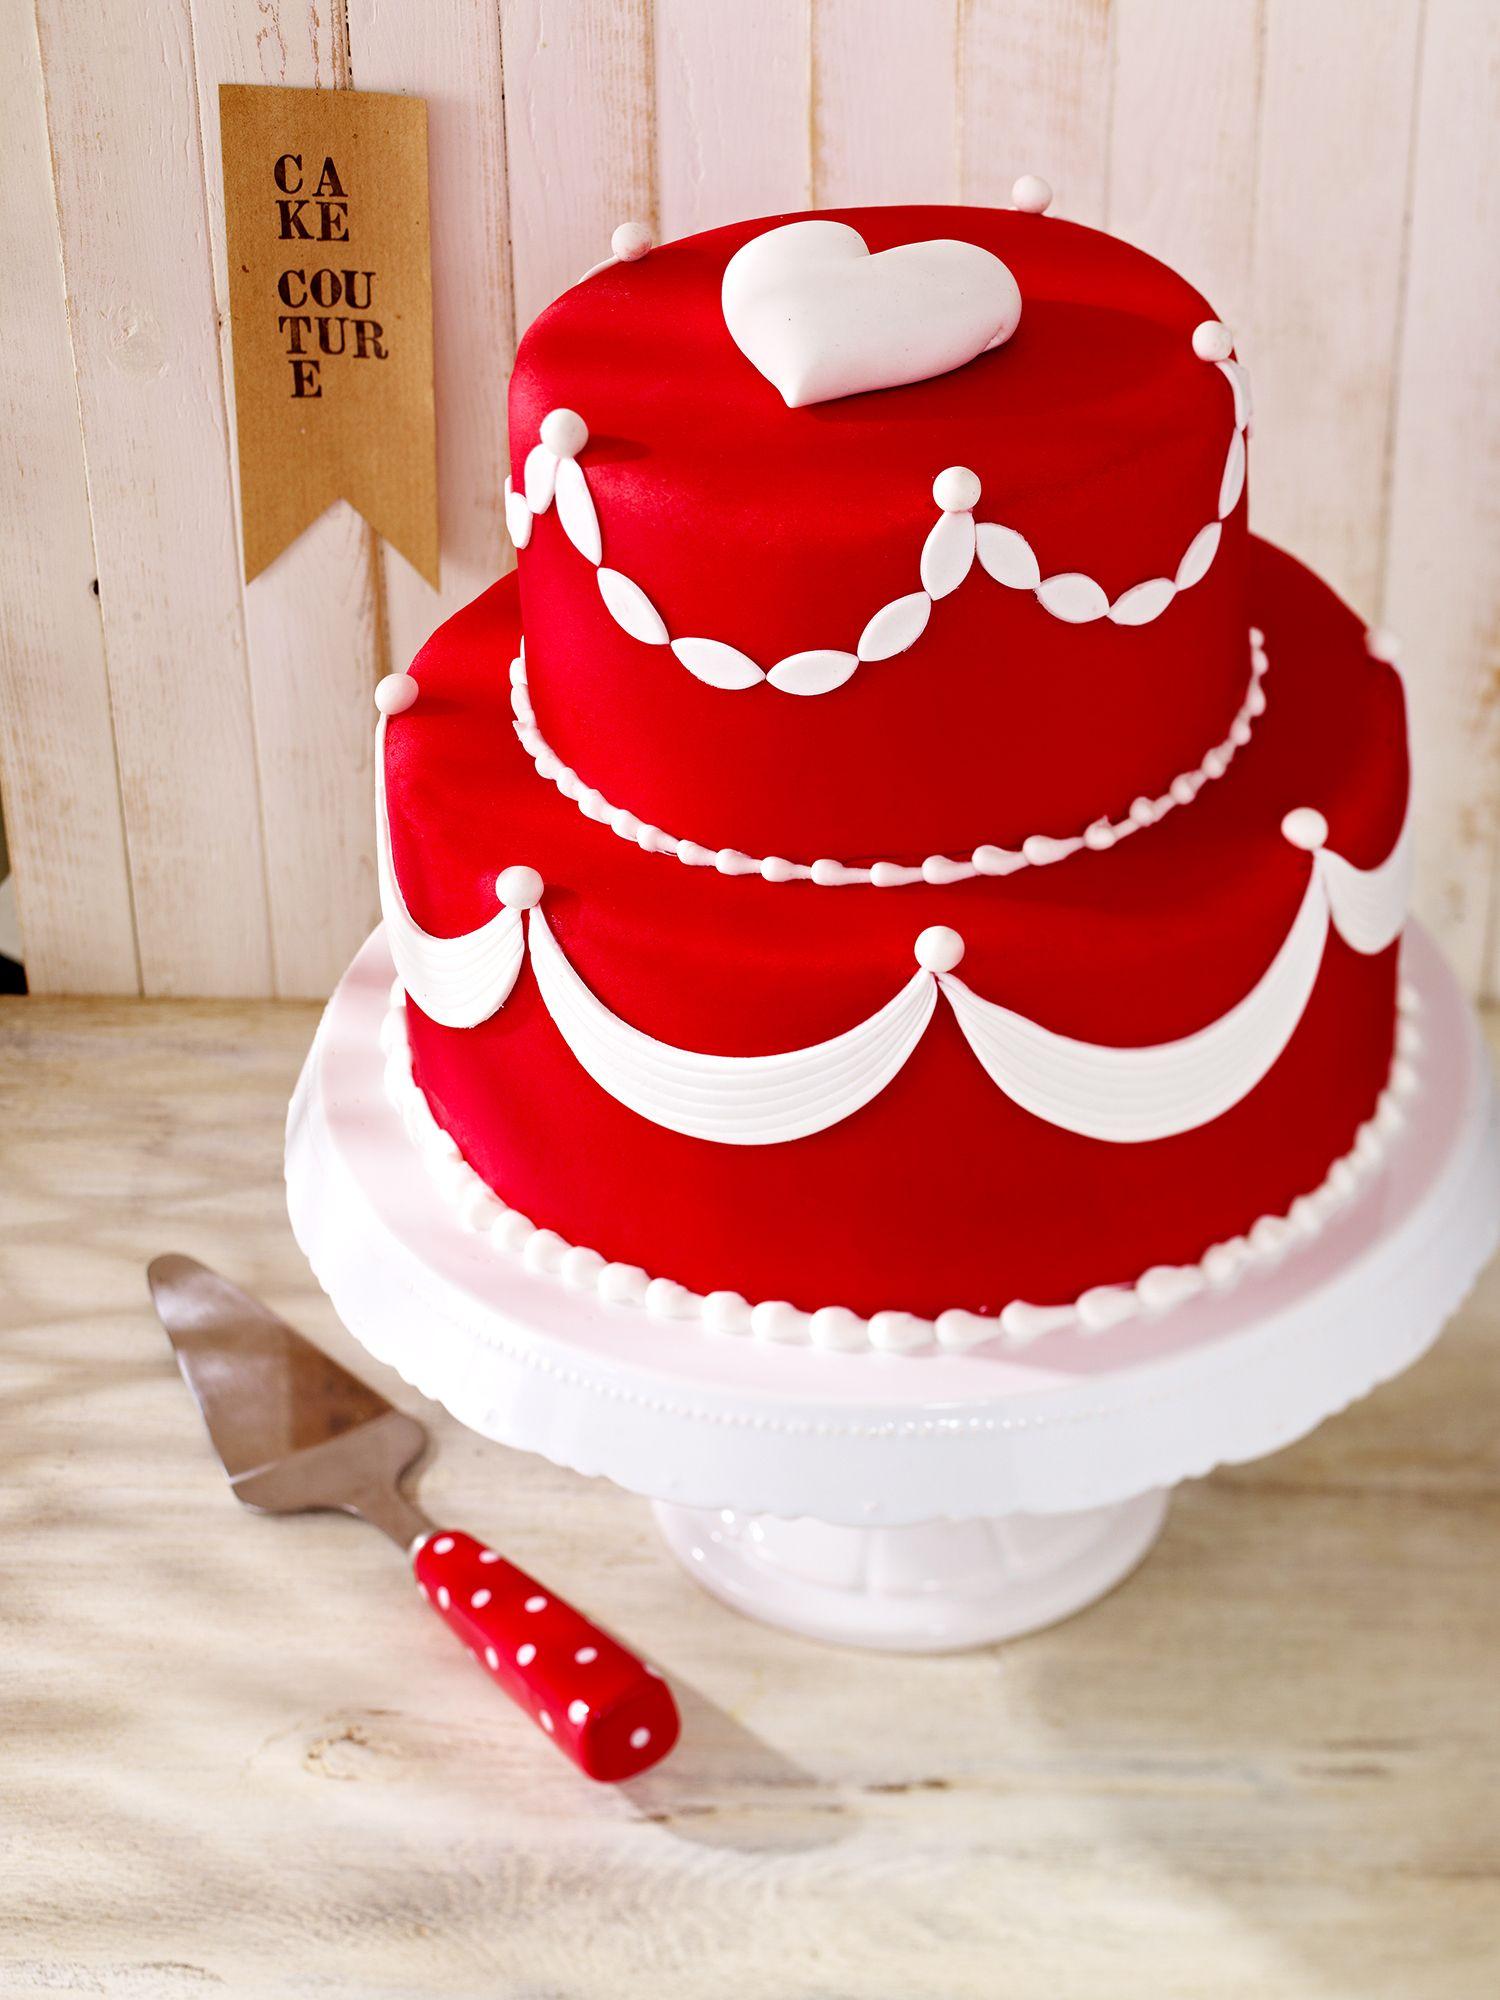 CakeCouture Torte Rot-Weiß Punkte - auch tolle Idee für eine ...